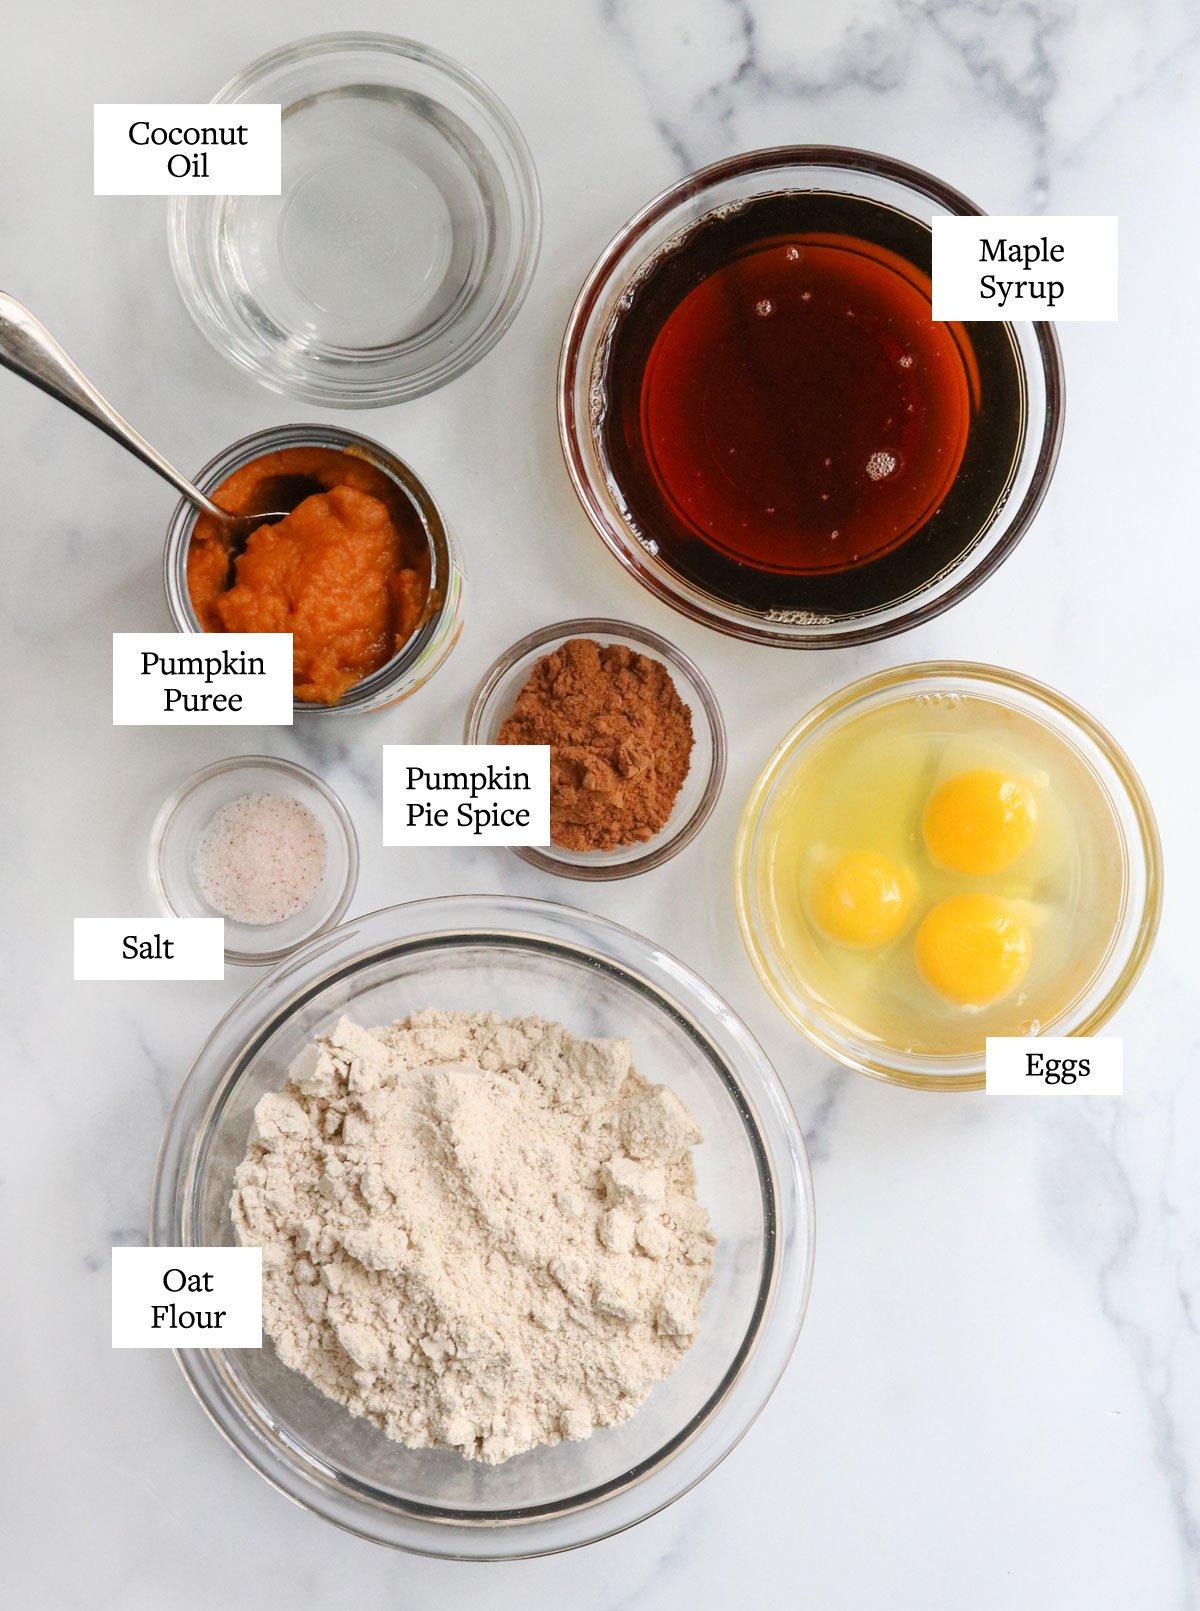 oat flour pumpkin bread ingredients in glass bowls